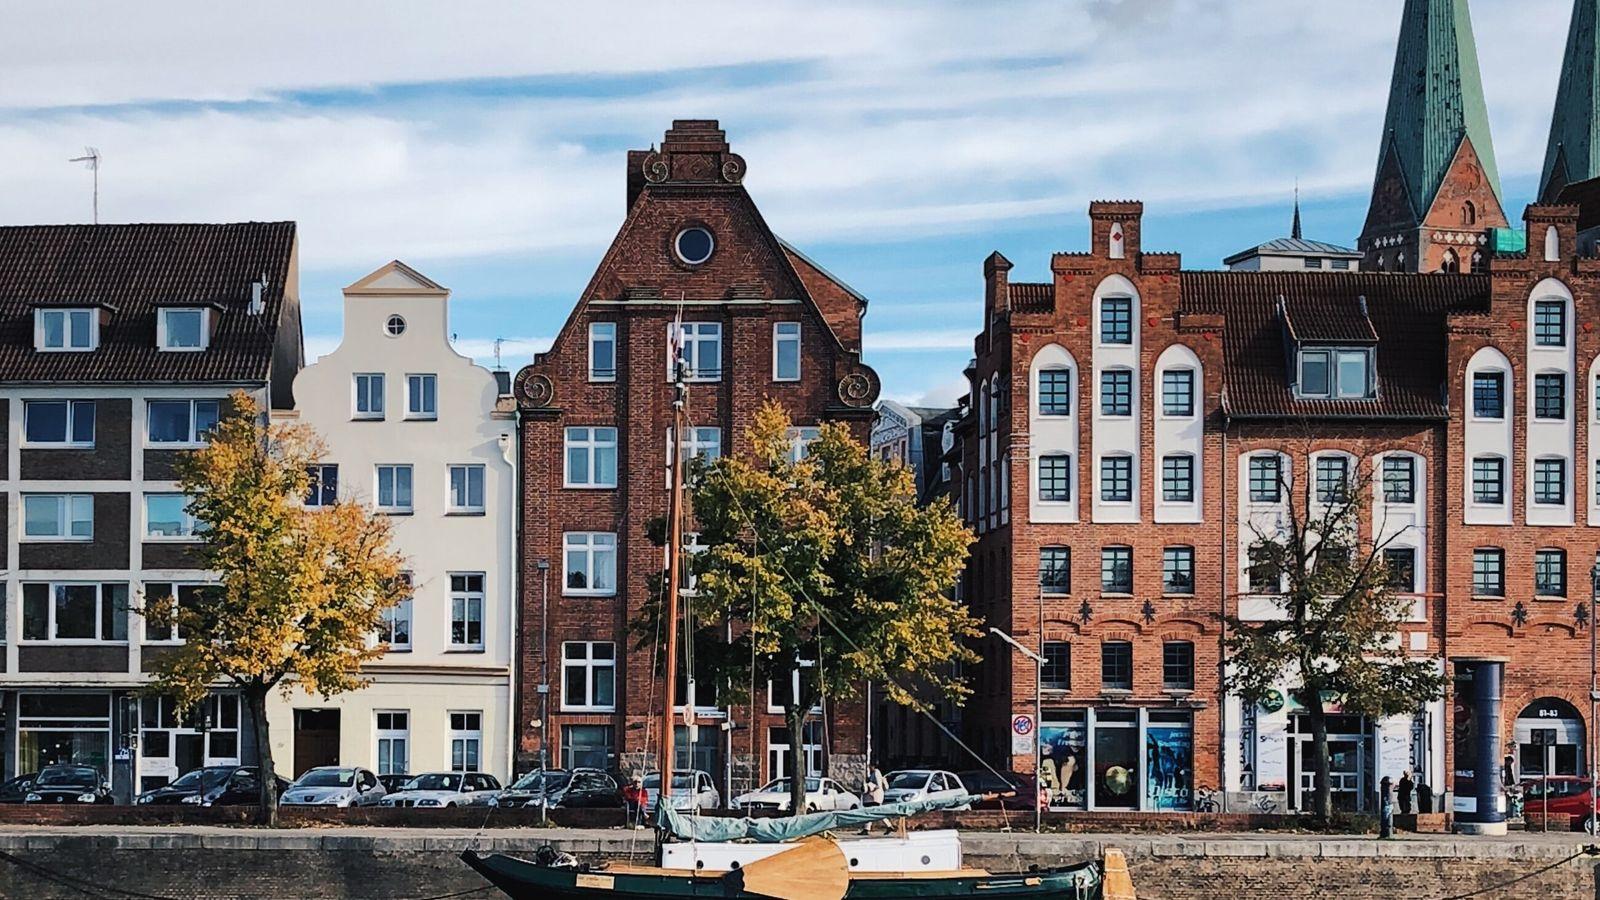 Bei einer Kanal- oder Hafenrundfahrt mit einem Ausflugsschiff eröffnen sich ganz neue Perspektiven auf die Altstadt.